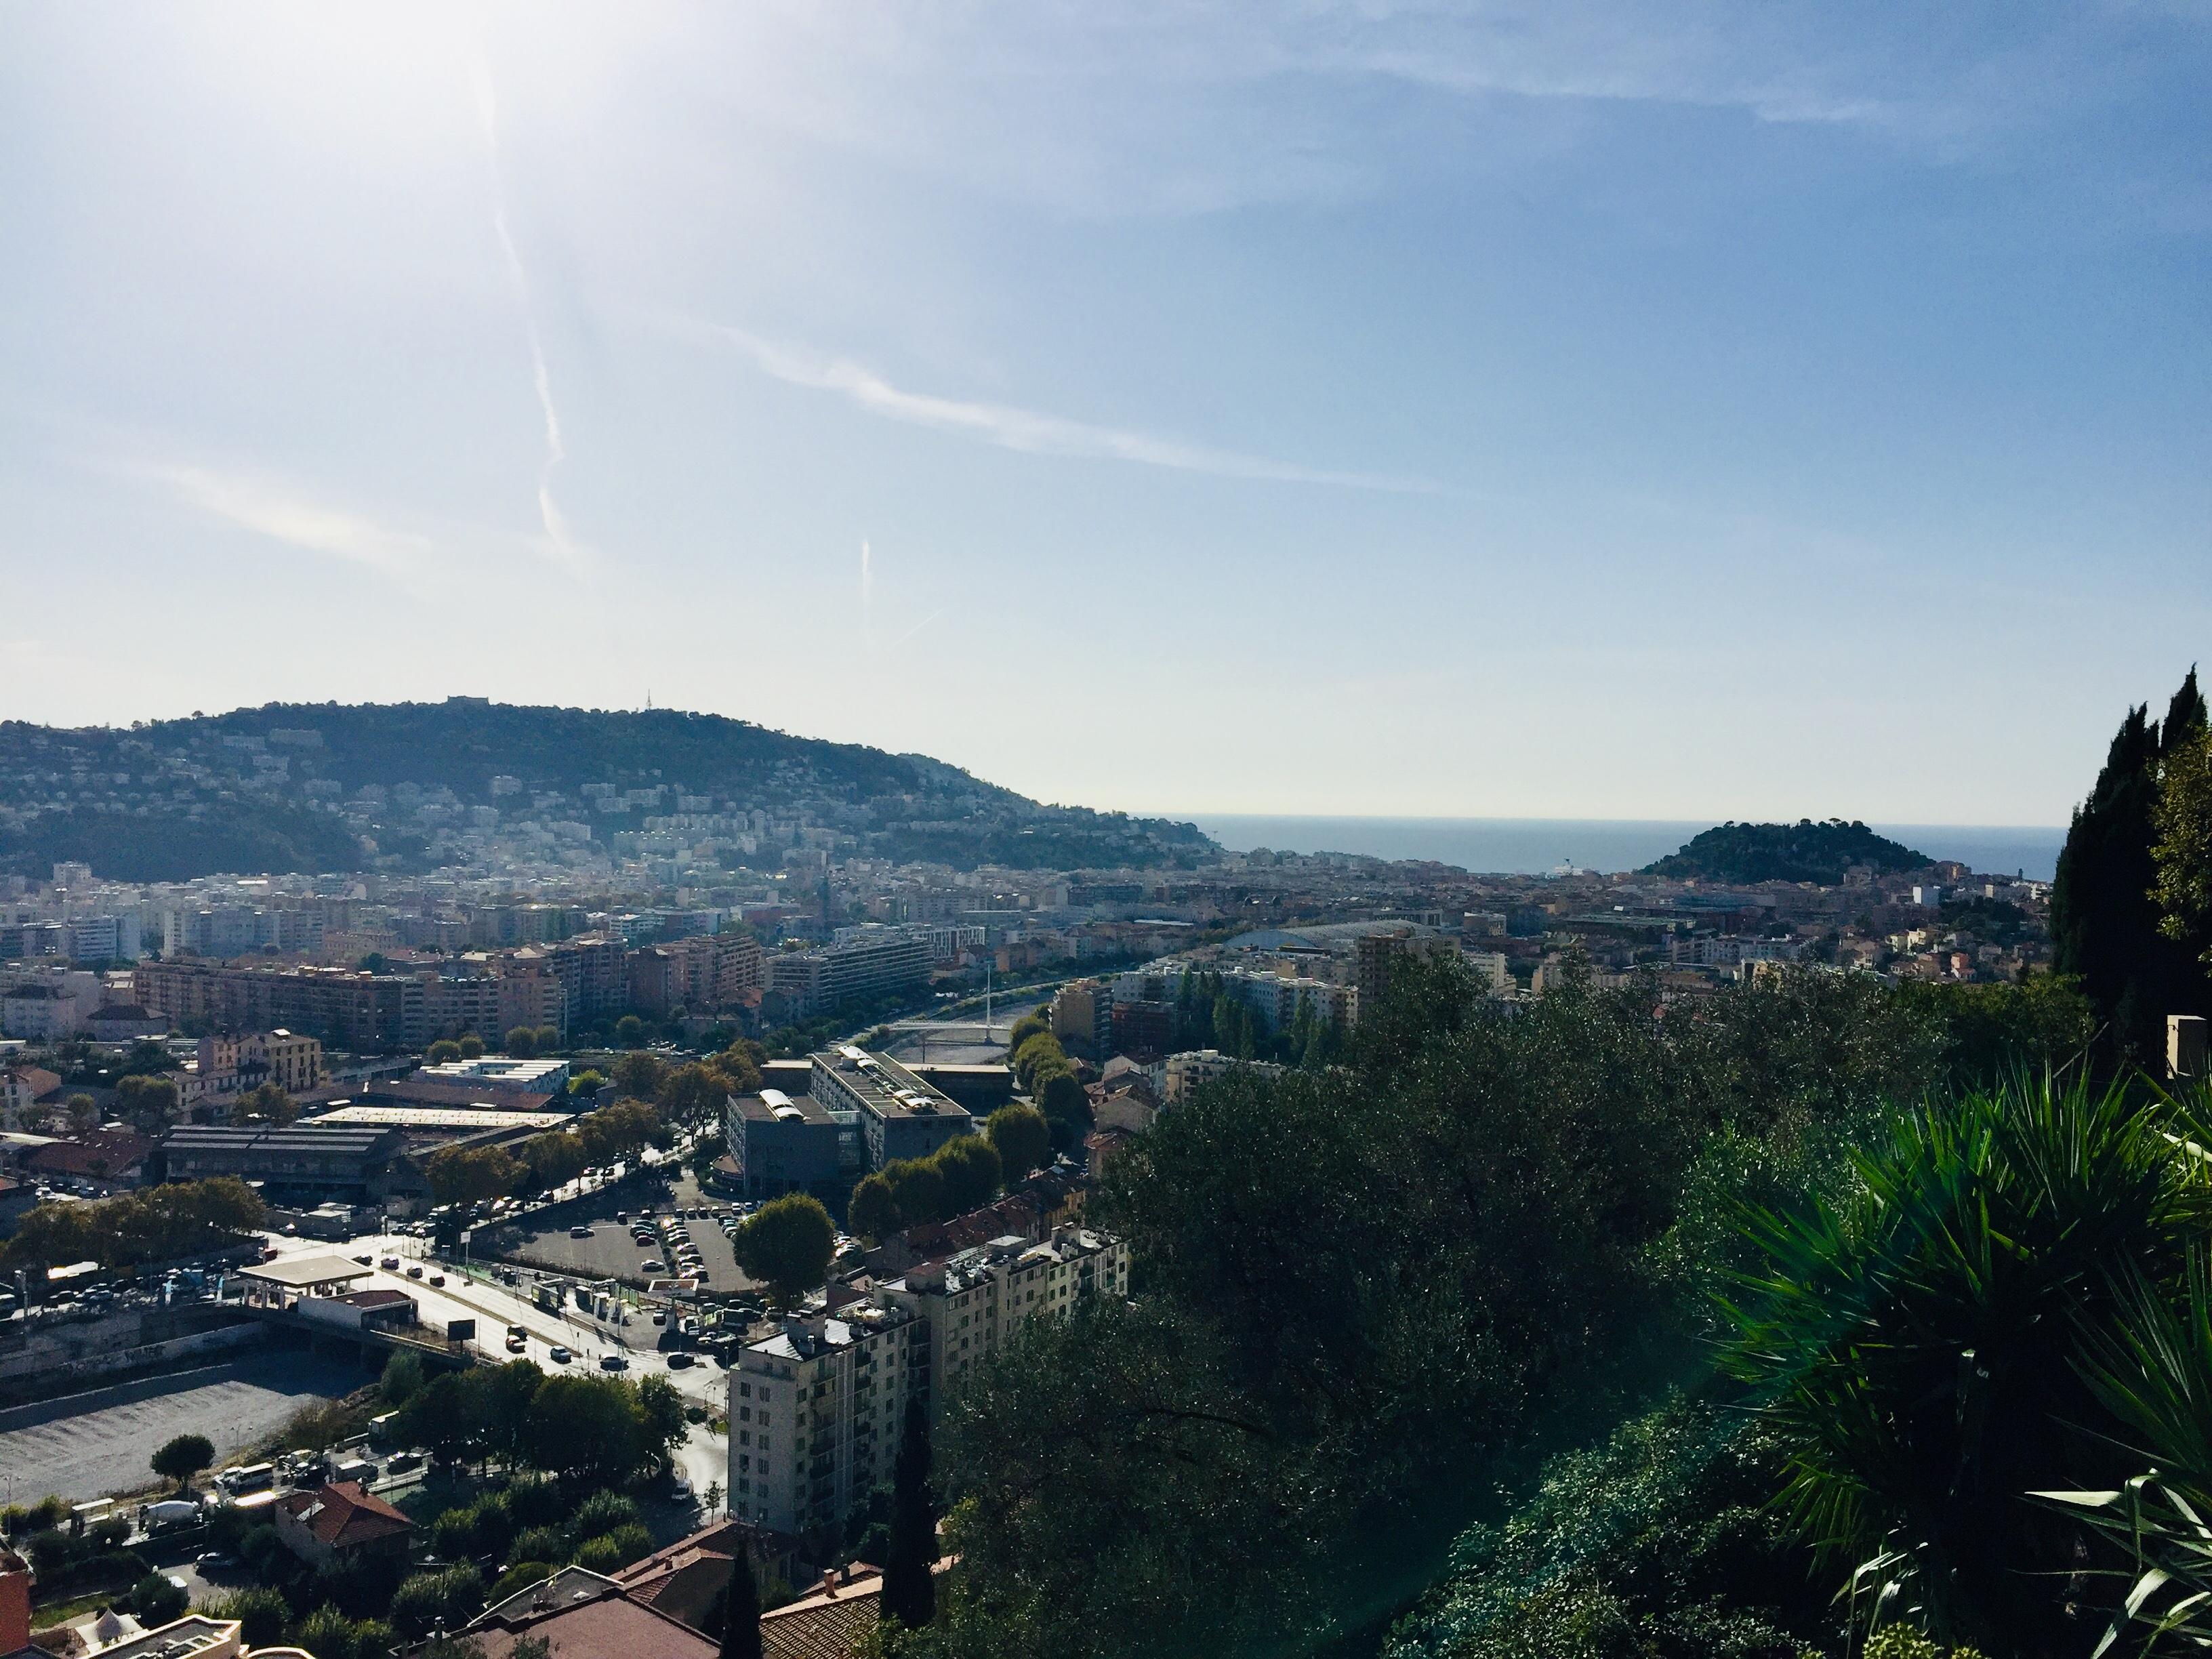 MÉTÉO Quel temps à Nice ce mercredi 24 octobre ?